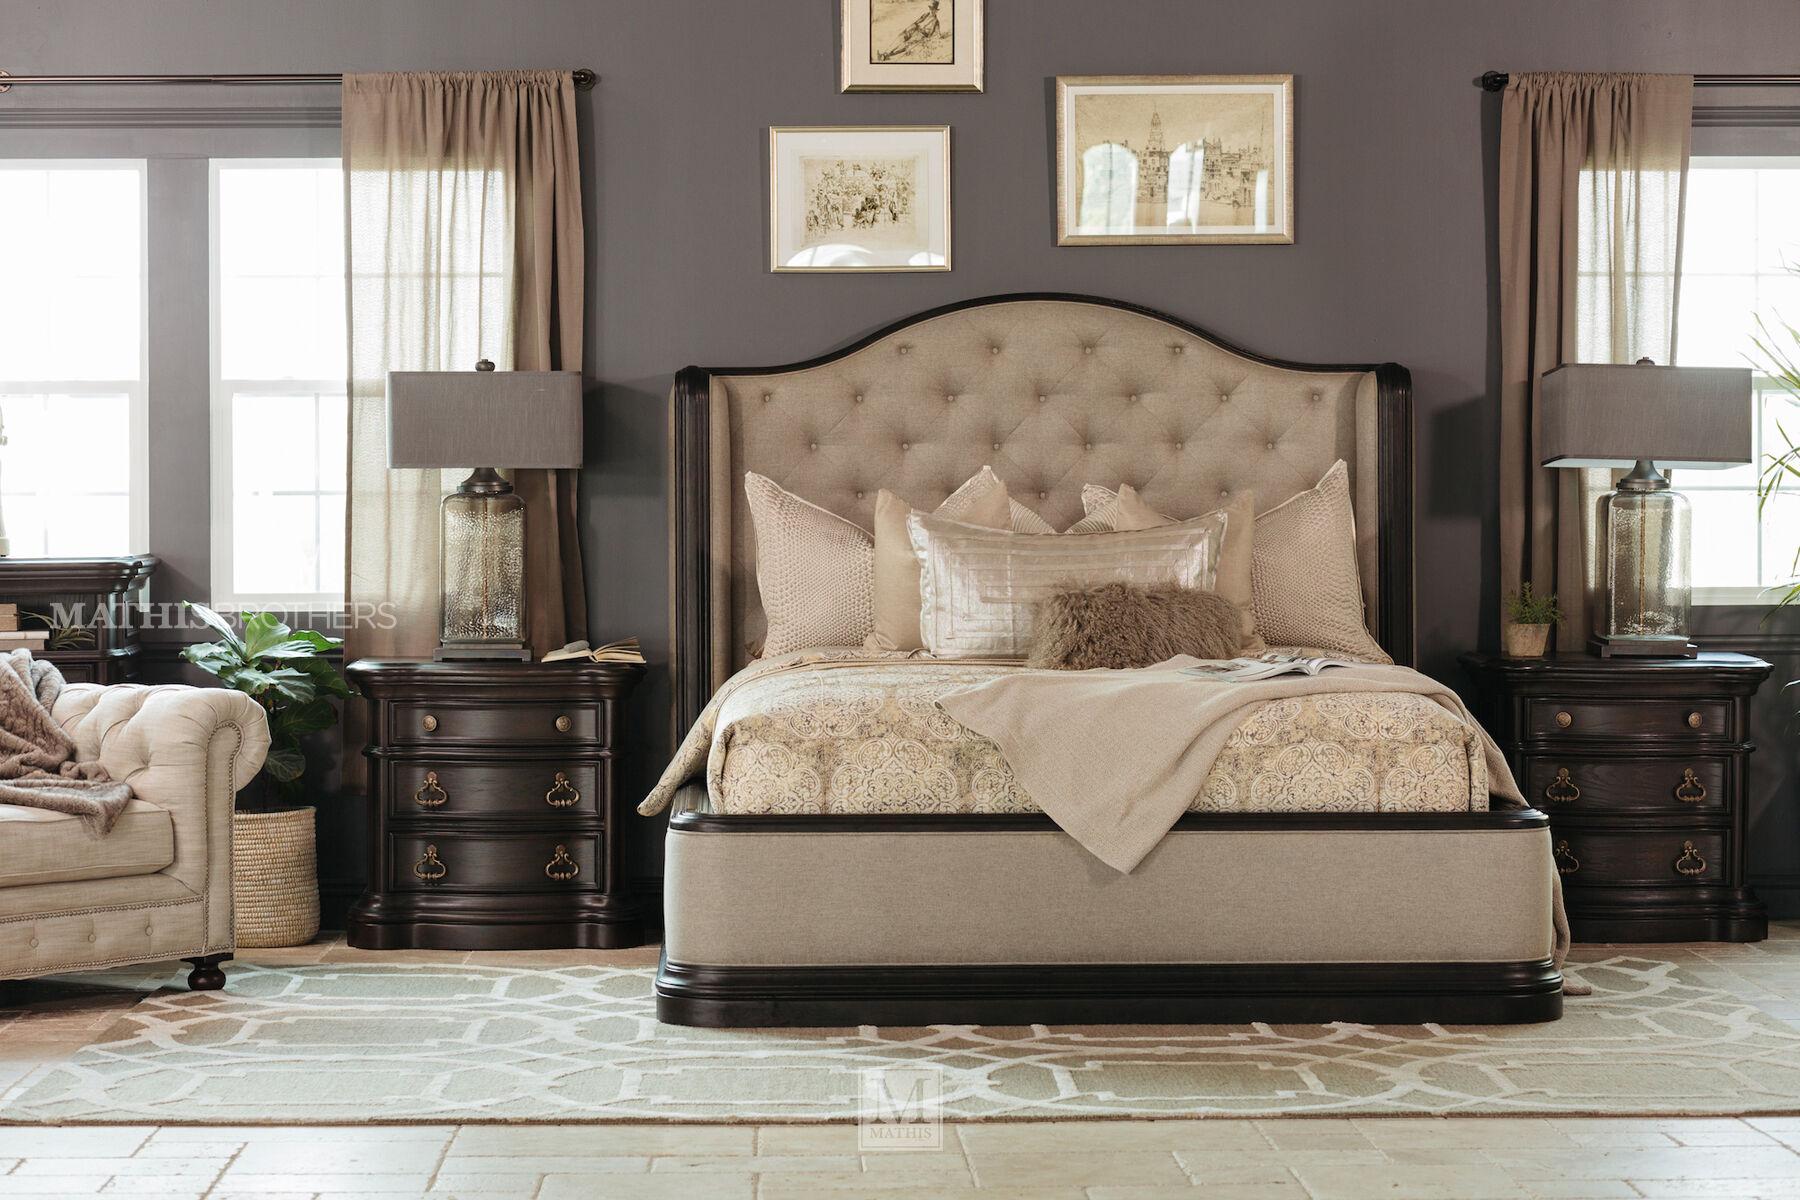 Pulaski Ravena Queen Upholstered Bedroom Suite Pulaski Ravena Queen  Upholstered Bedroom Suite